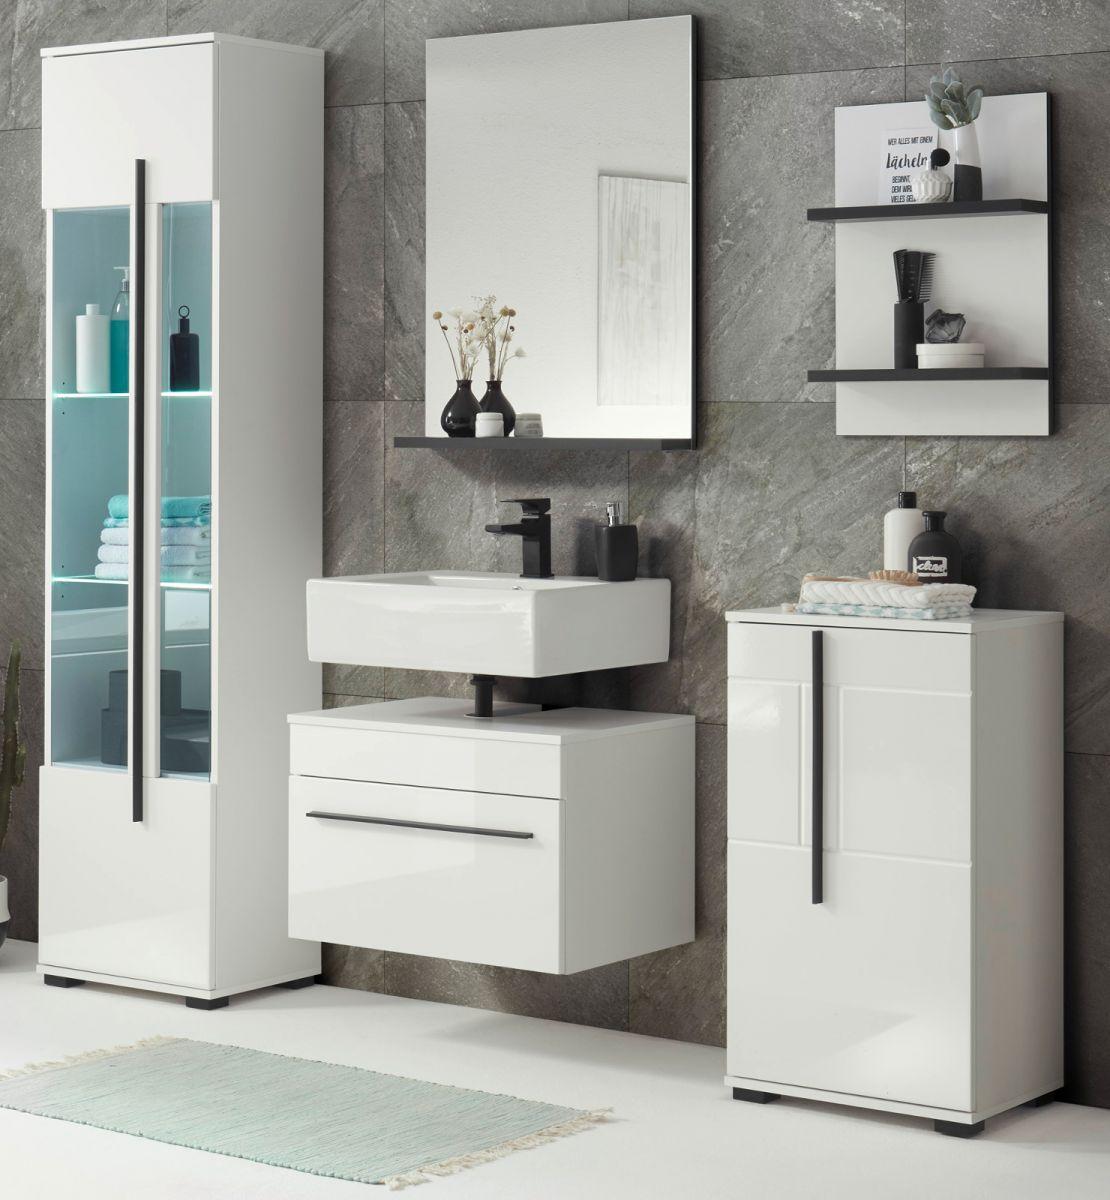 Badmöbel Set 5-teilig Design-D in Hochglanz weiss 170 x 200 cm